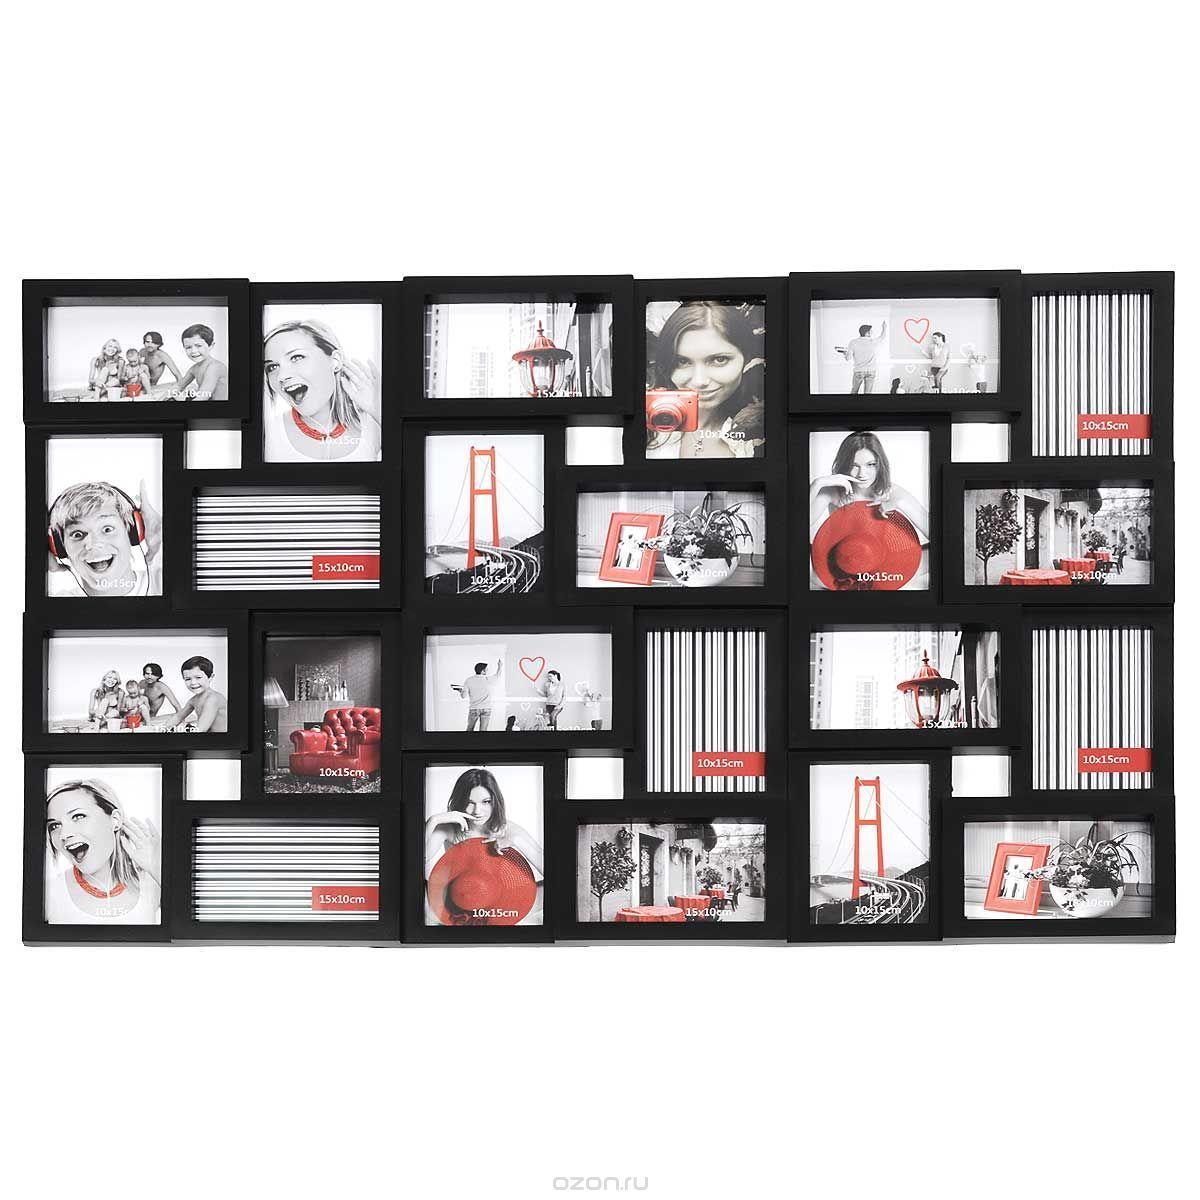 Фоторамка Image Art PL12-24THN132NФоторамка Image Art - прекрасный способ красиво оформить ваши фотографии. Изделие рассчитано на 24 фотографии. Фоторамка выполнена из металла и защищена стеклом. Фоторамку можно поставить на стол или подвесить на стену, для чего с задней стороны предусмотрены специальные отверстия. Такая фоторамка поможет сохранить на память самые яркие моменты вашей жизни, а стильный дизайн сделает ее прекрасным дополнением интерьера.